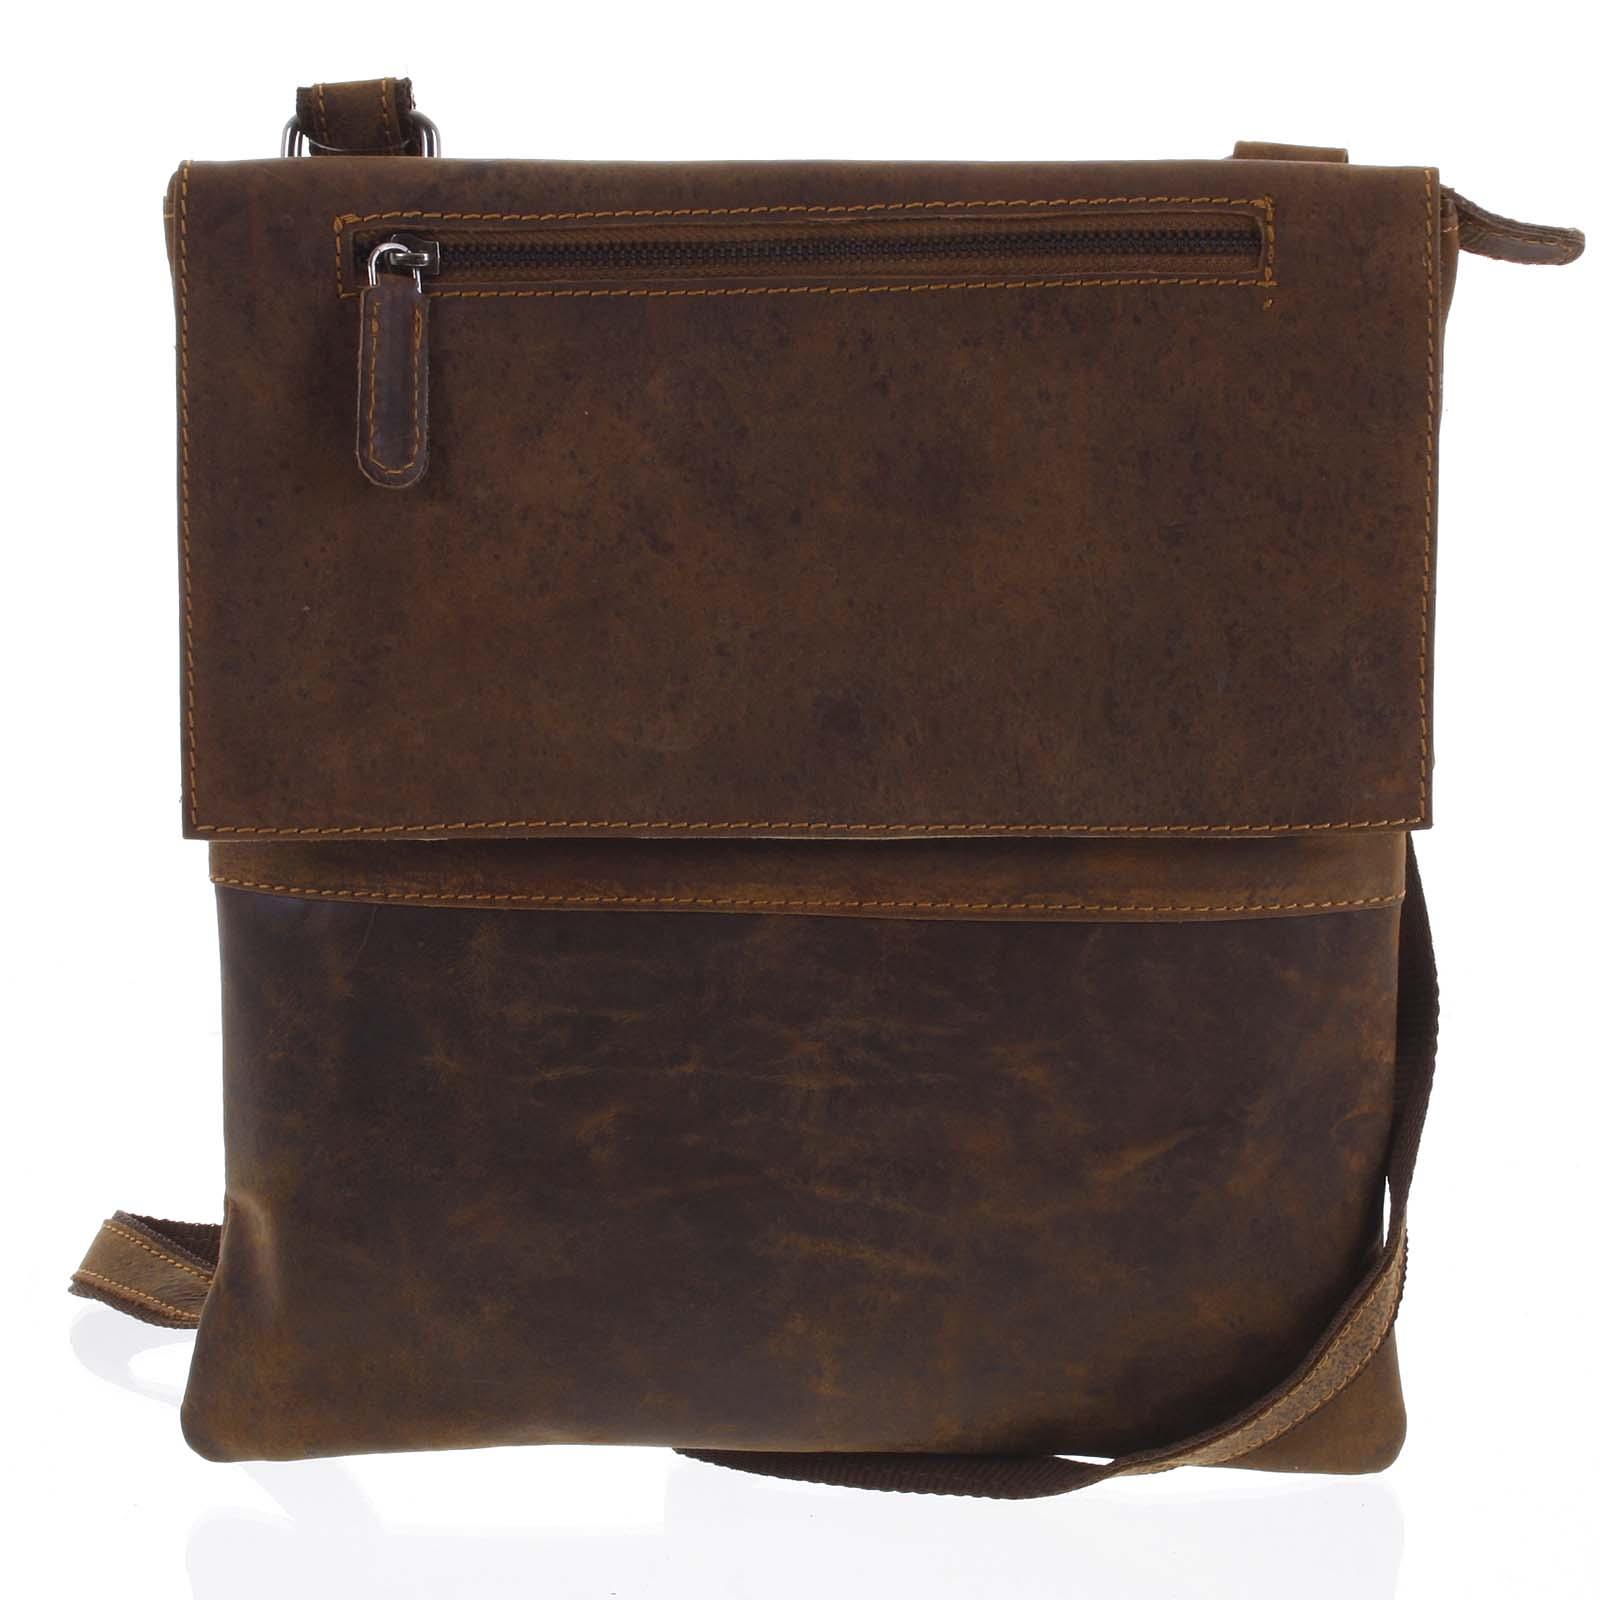 Pánska kožená taška na doklady hnedá - Greenwood Olesimos hnedá